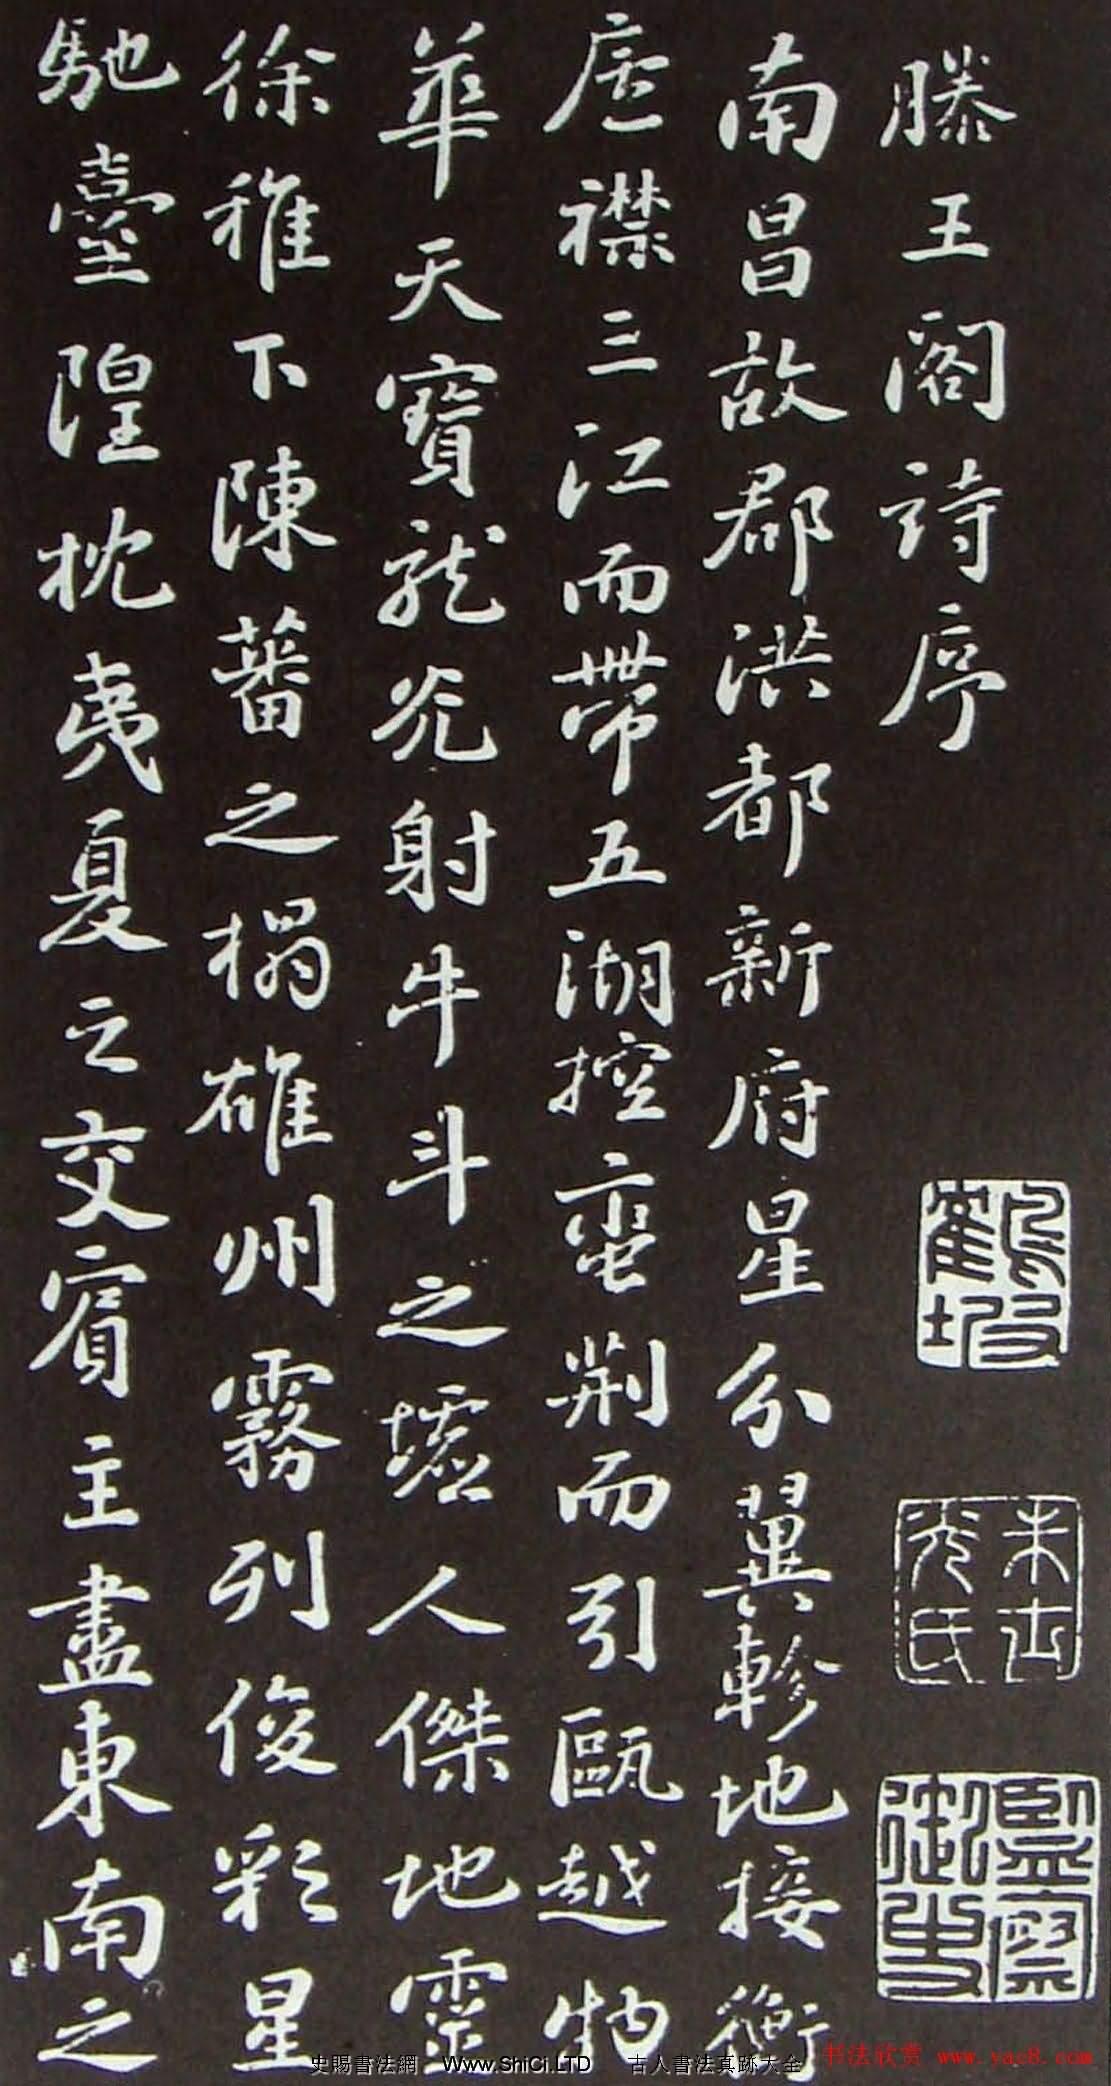 蘇軾書法真跡欣賞《滕王閣序》(共10張圖片)